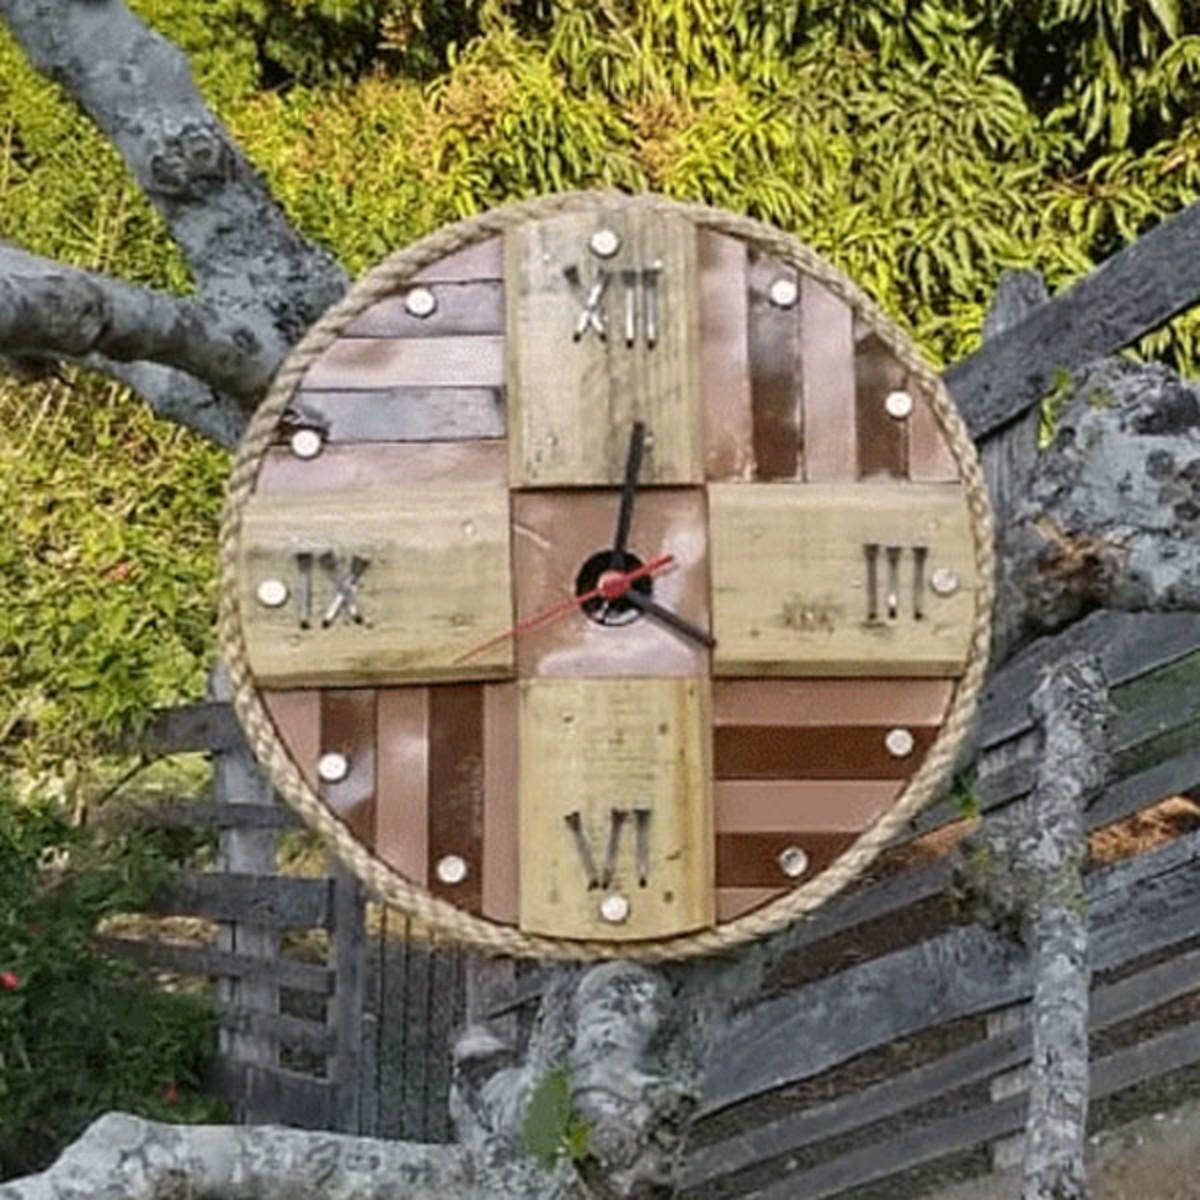 1ad25c9ab47 Relógio De Parede Rústico Madeira Com Tiras De Couro 32 Cm no Elo7 ...